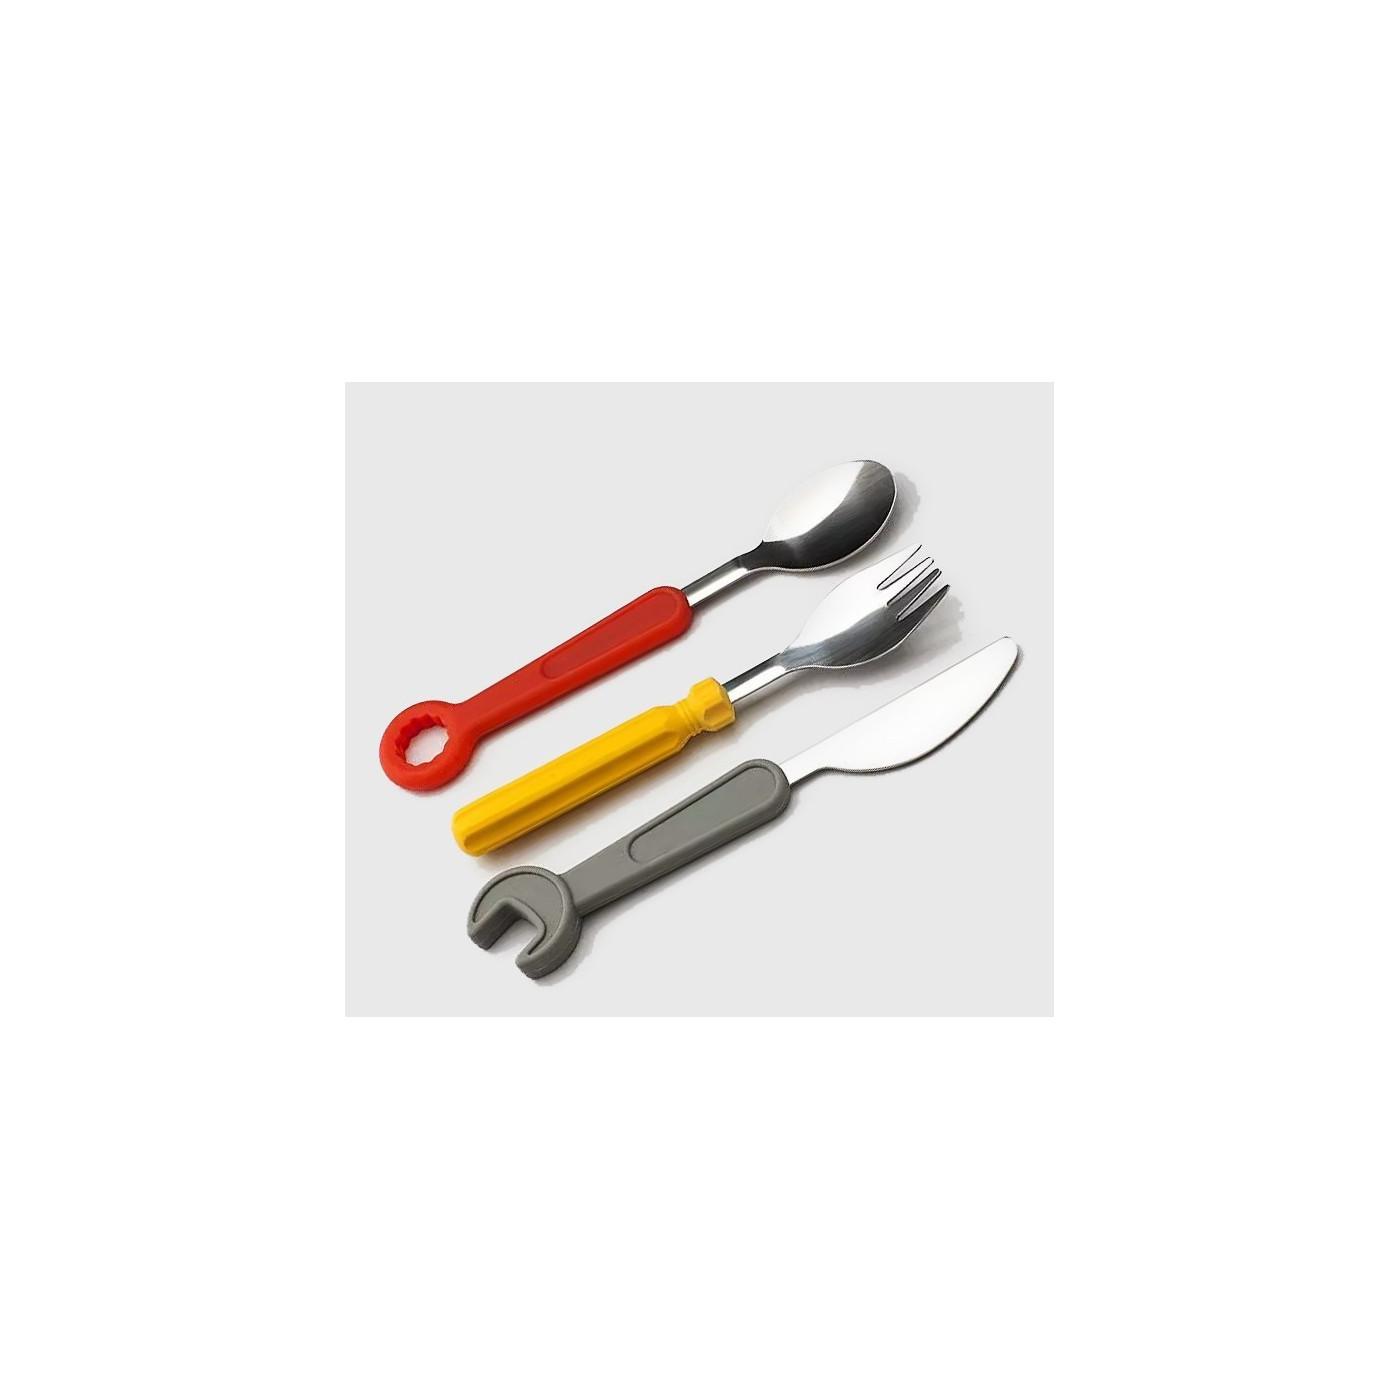 Conjunto de talheres de ferramentas para crianças (garfo, faca, colher)  - 1